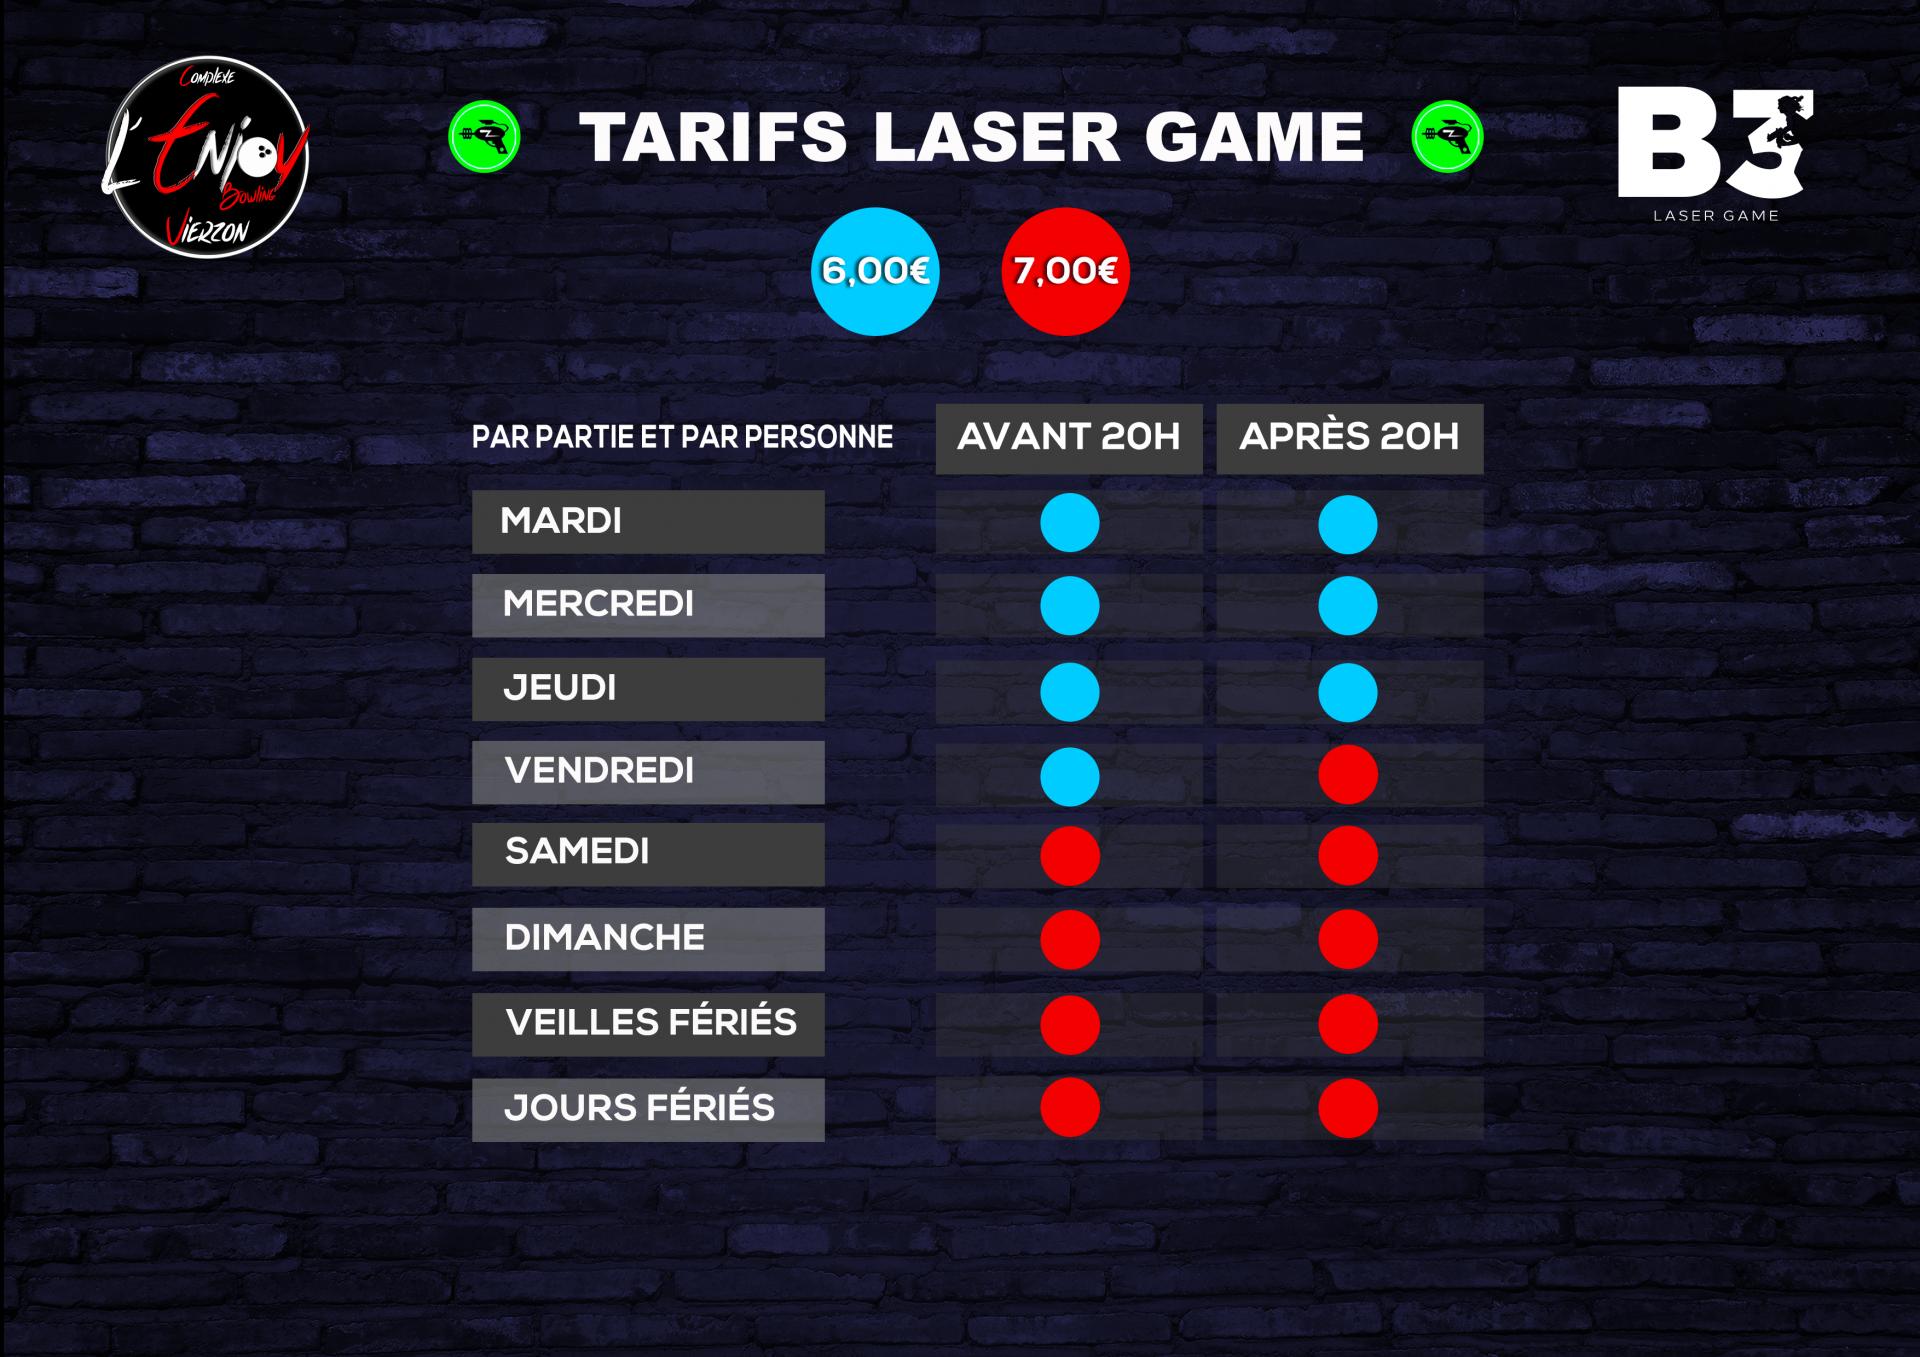 Tarif laser